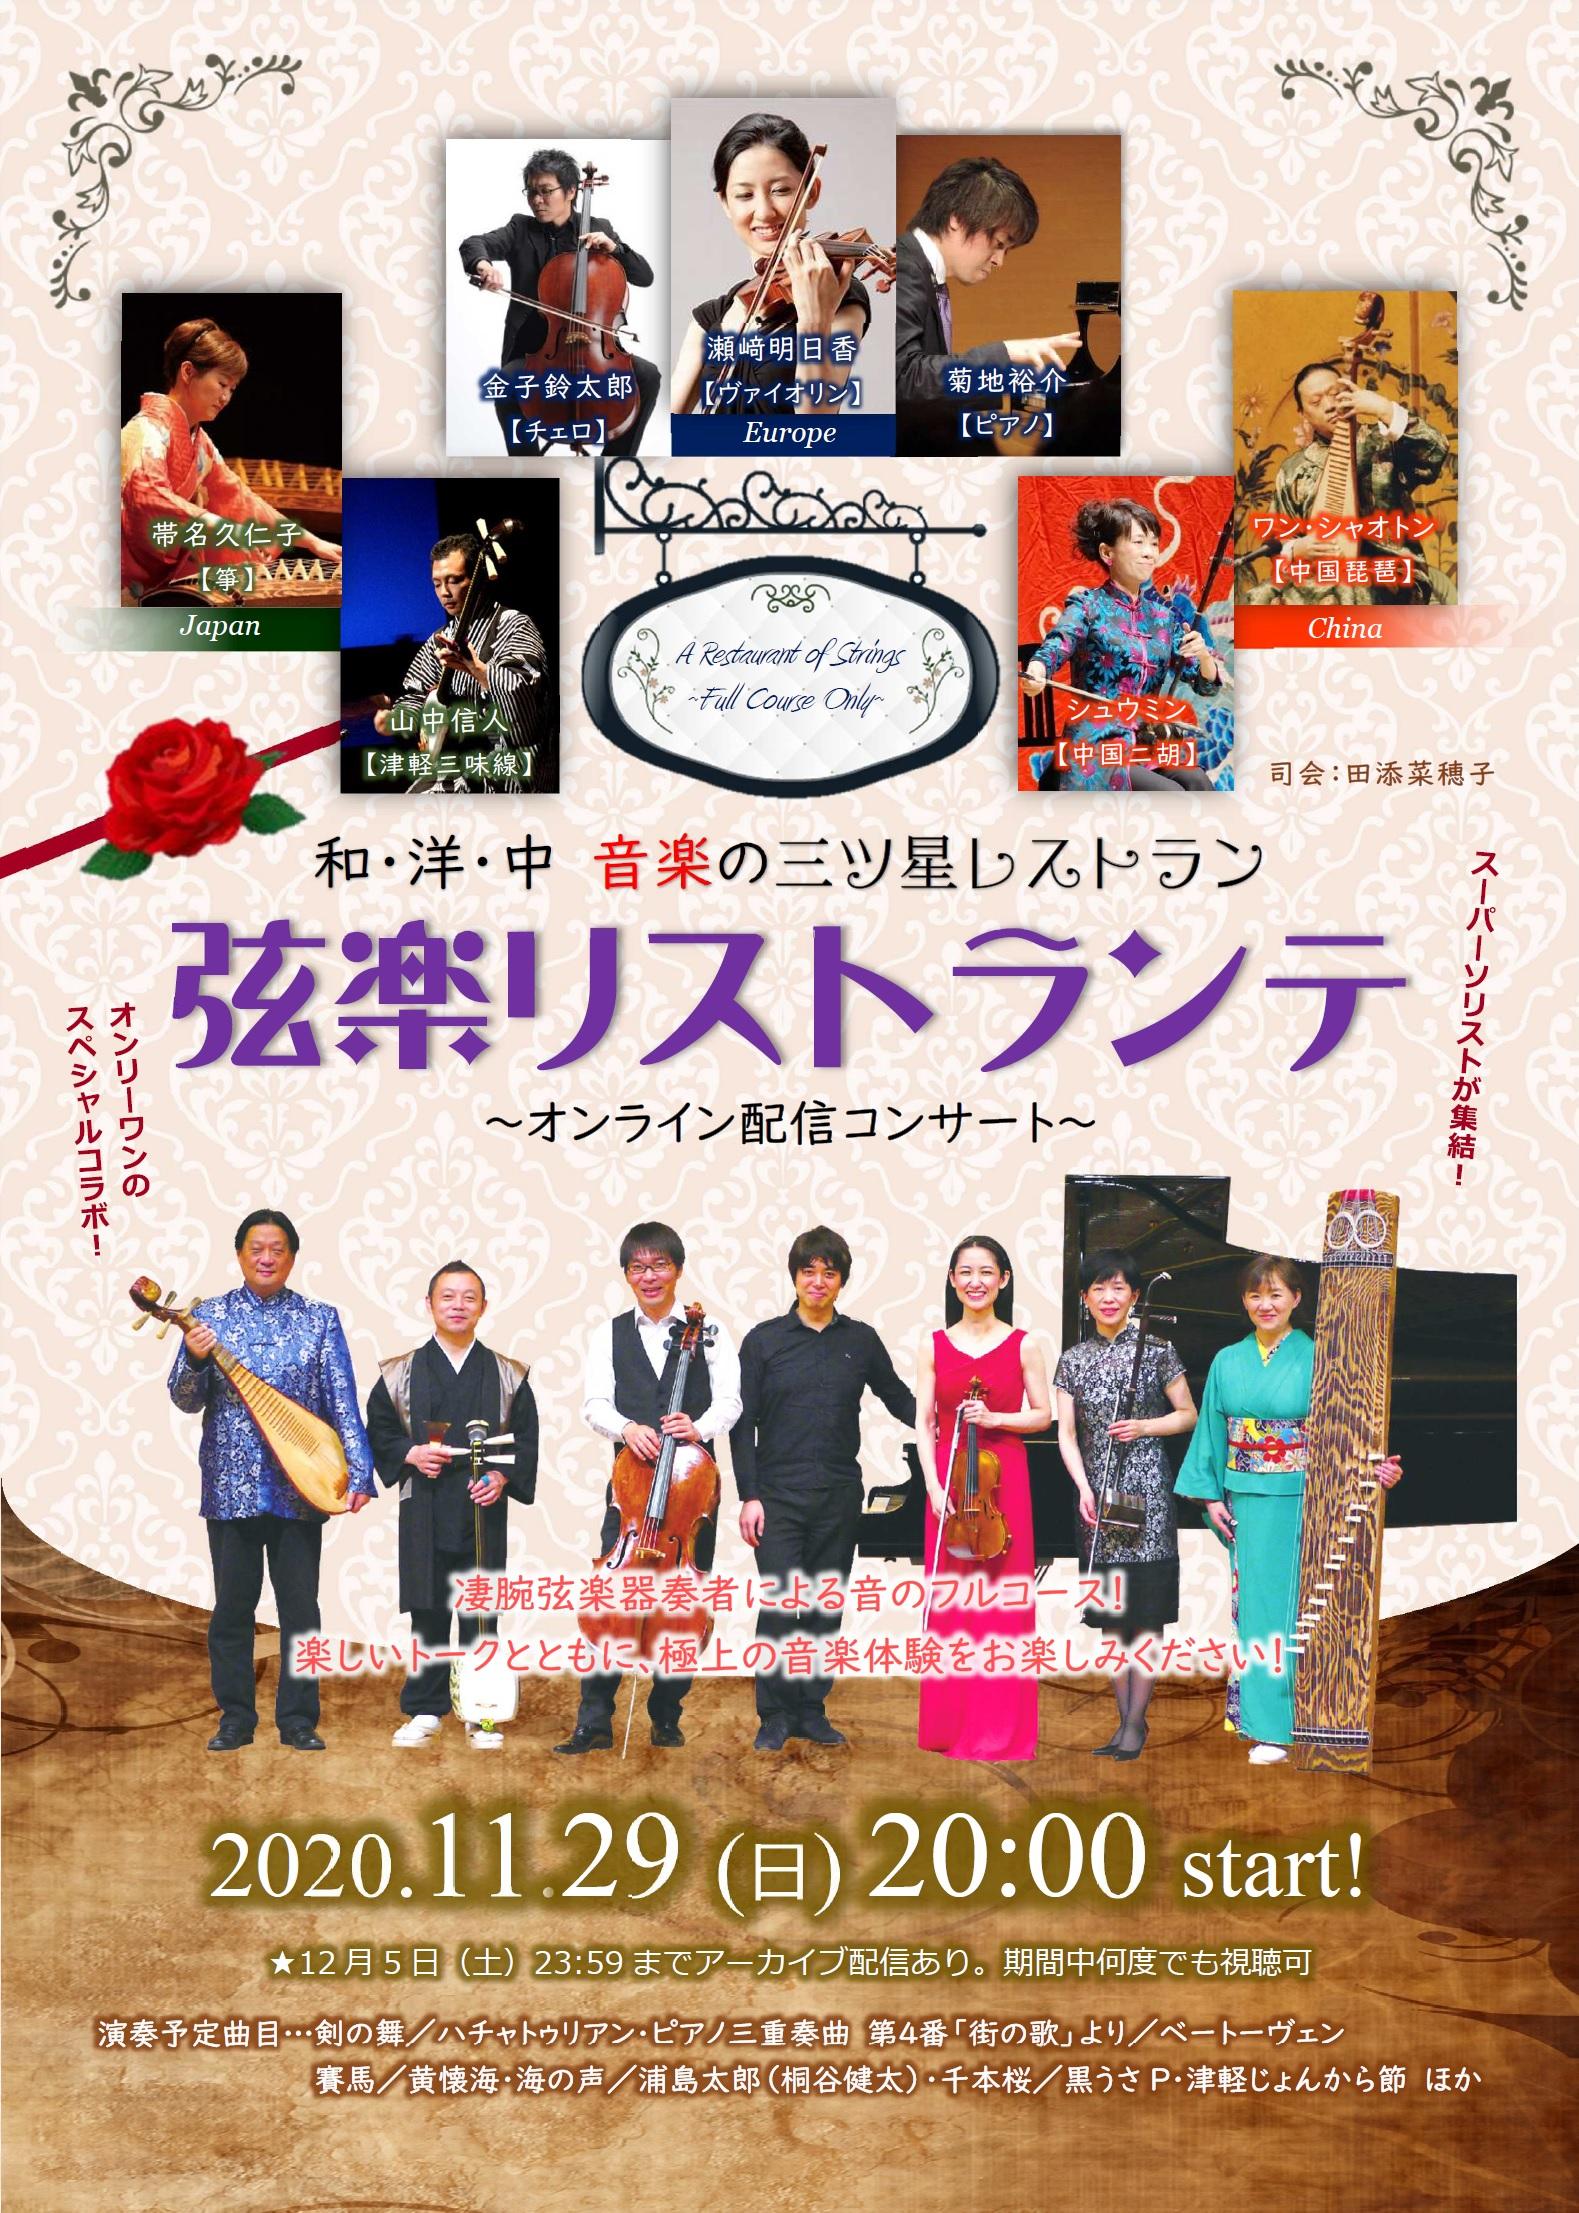 【配信コンサート】和・洋・中 音楽の三ツ星レストラン ~弦楽リストランテ~